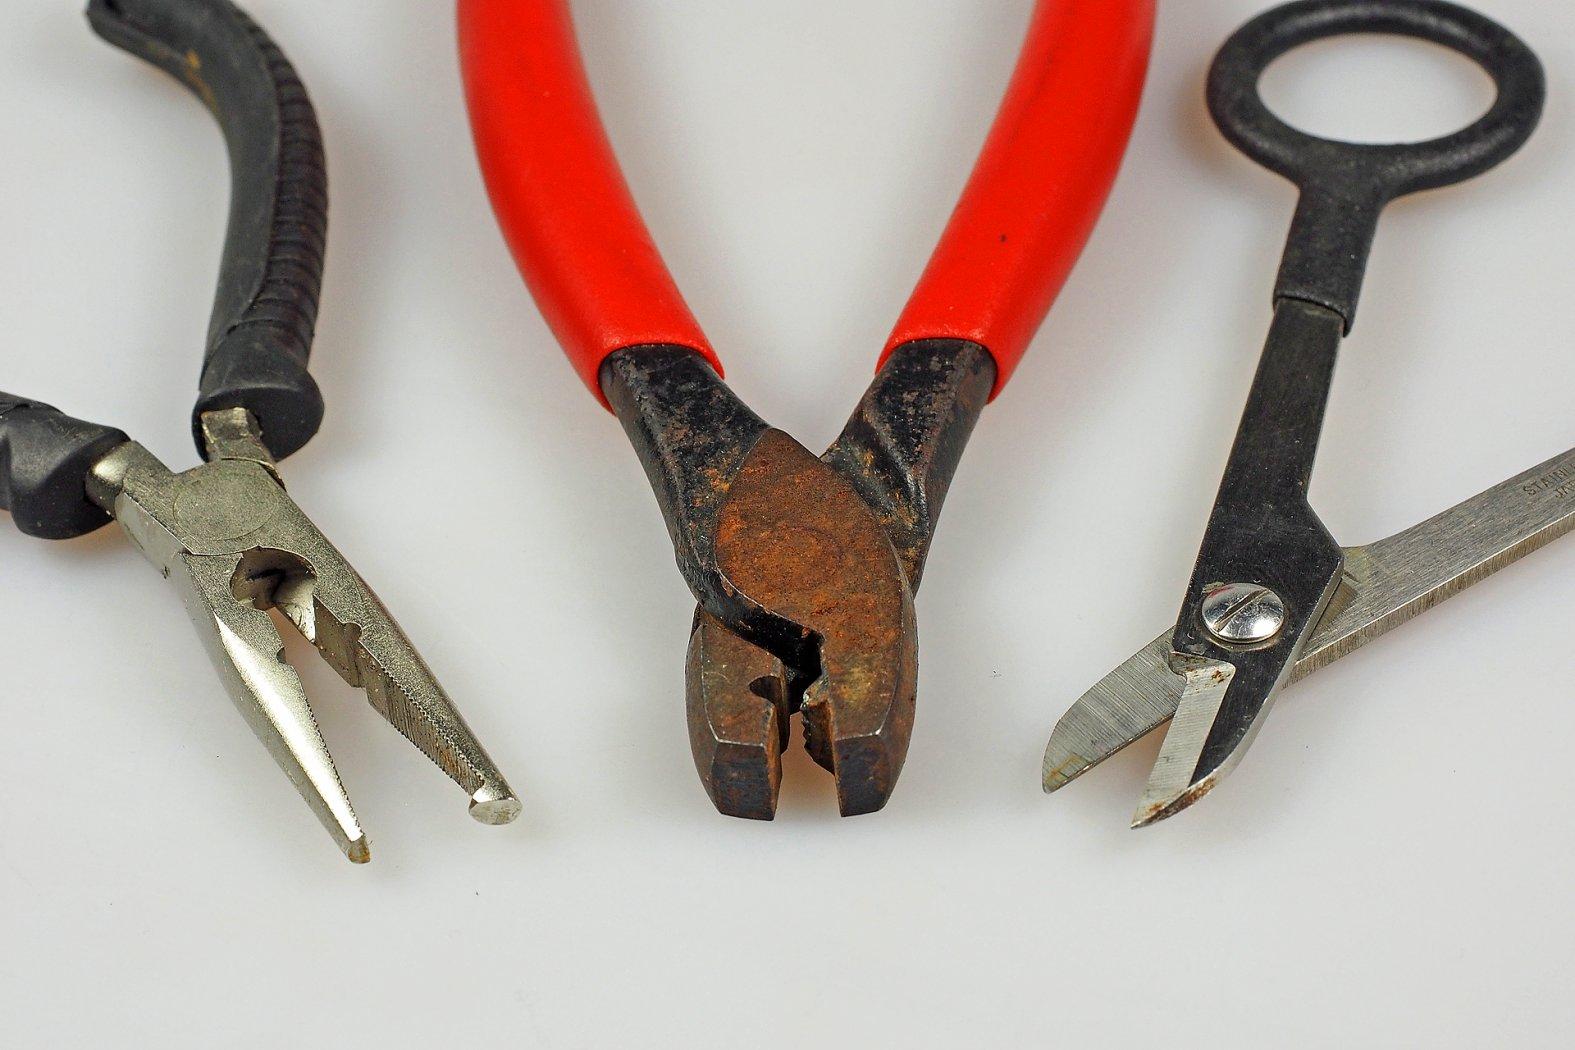 Sprengringzange, Klemmhülsenzange, Stahlvorfachschere